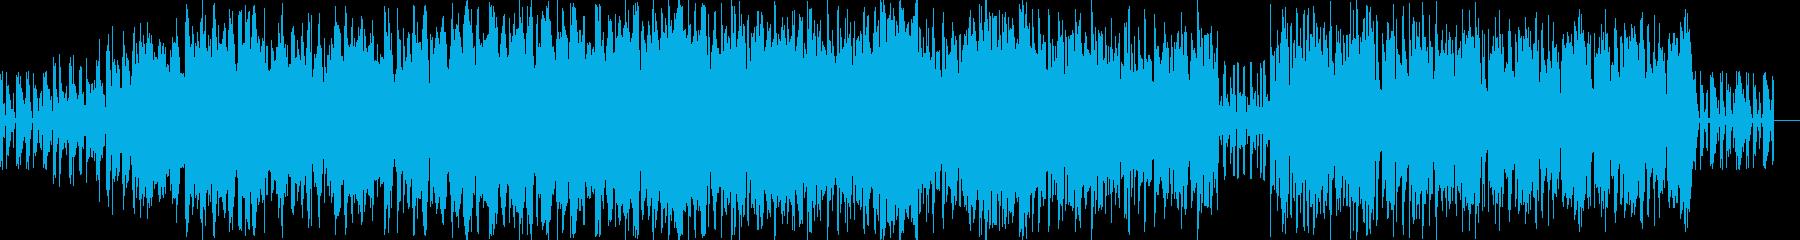 クラブBGM、DJライブBGMの再生済みの波形